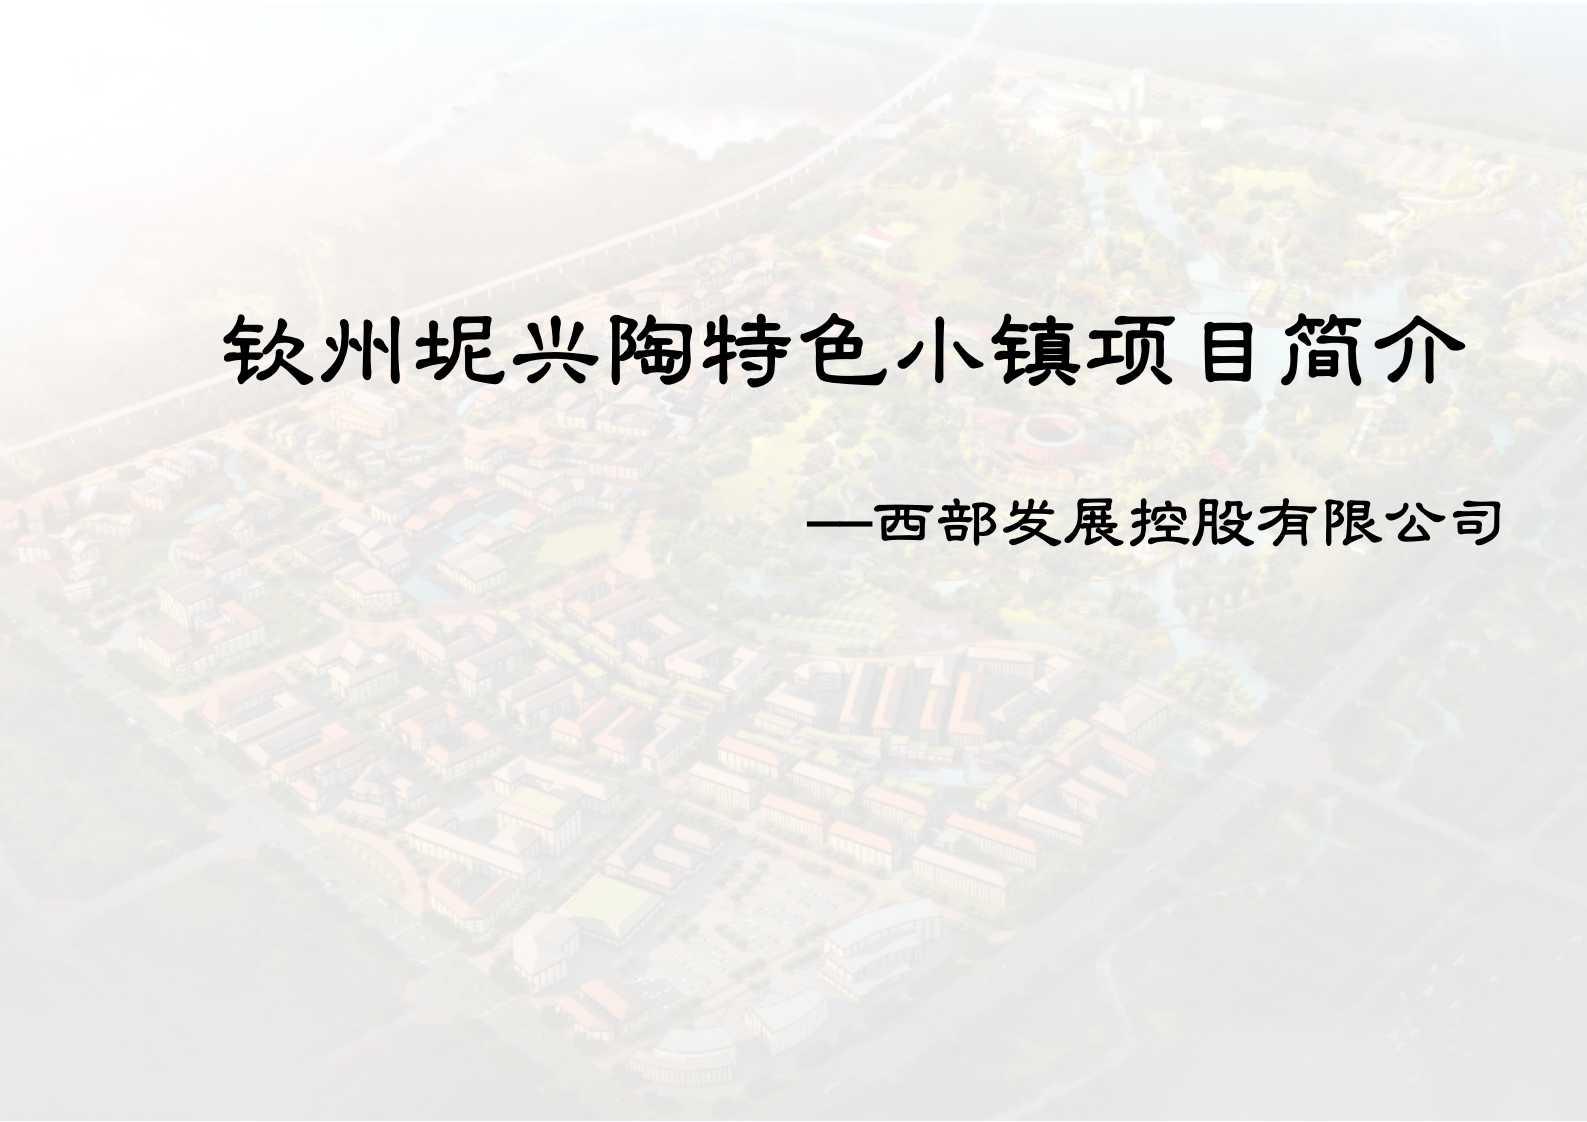 钦州坭兴陶特色小镇项目简介(4)_00.png